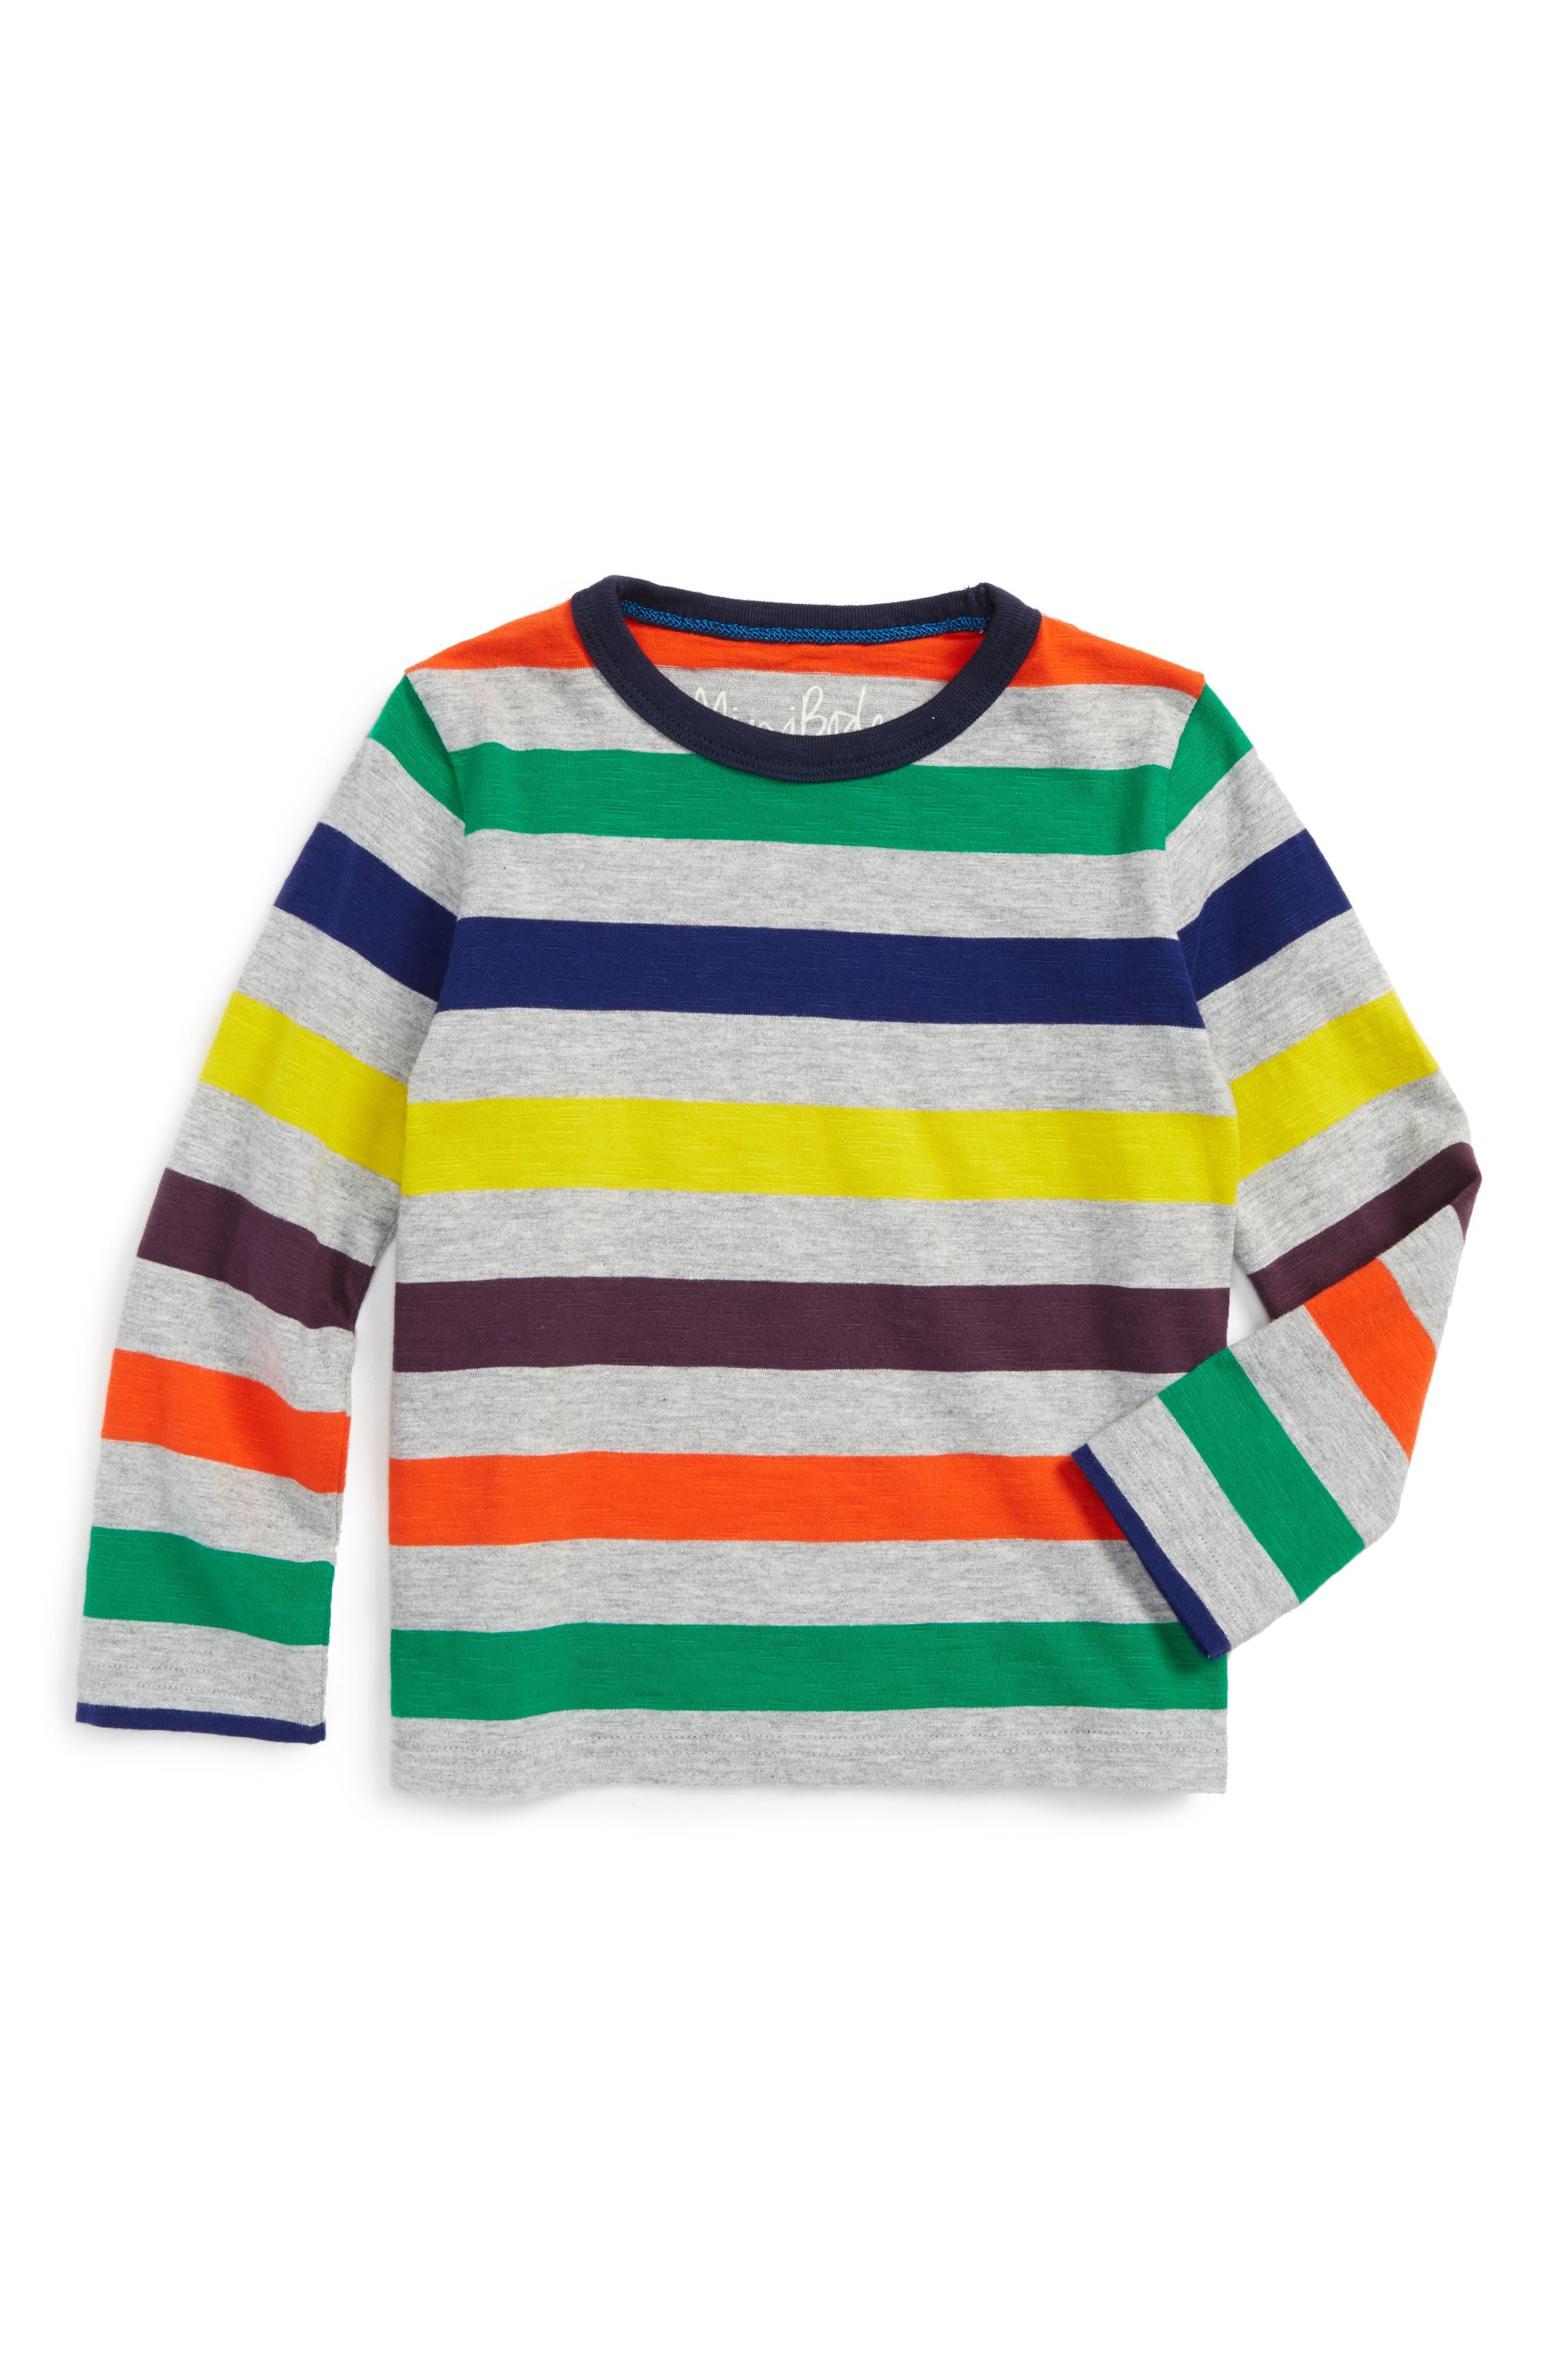 Alternate Image 1 Selected - Mini Boden Stripe Long Sleeve T-Shirt (Toddler Boys, Little Boys & Big Boys)